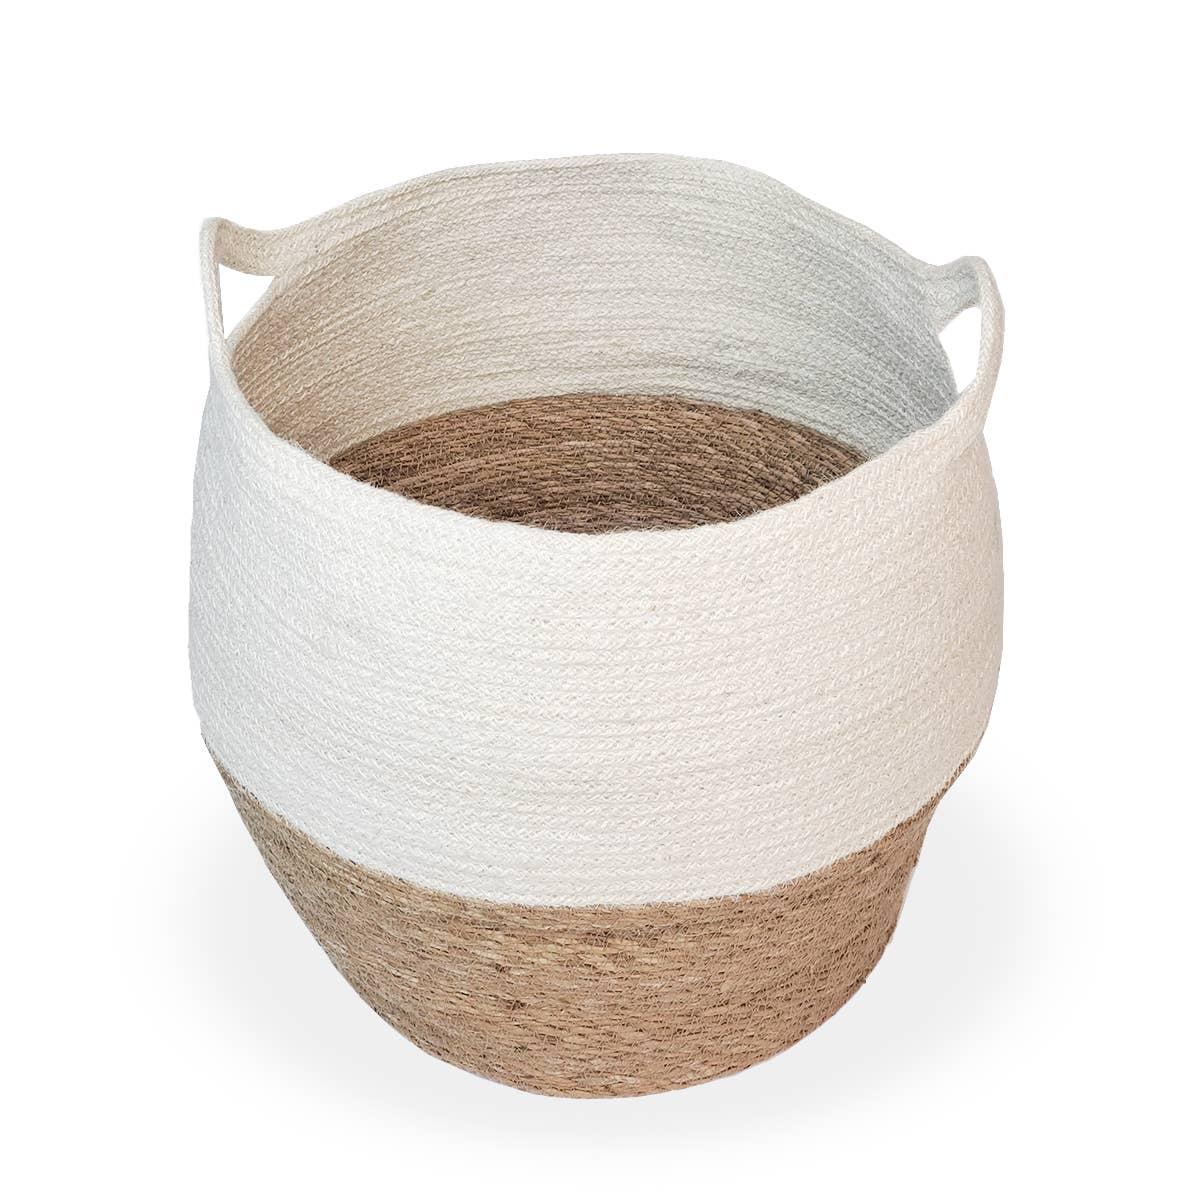 Agora Jar Basket - Natural (Set of 2)   Trada Marketplace